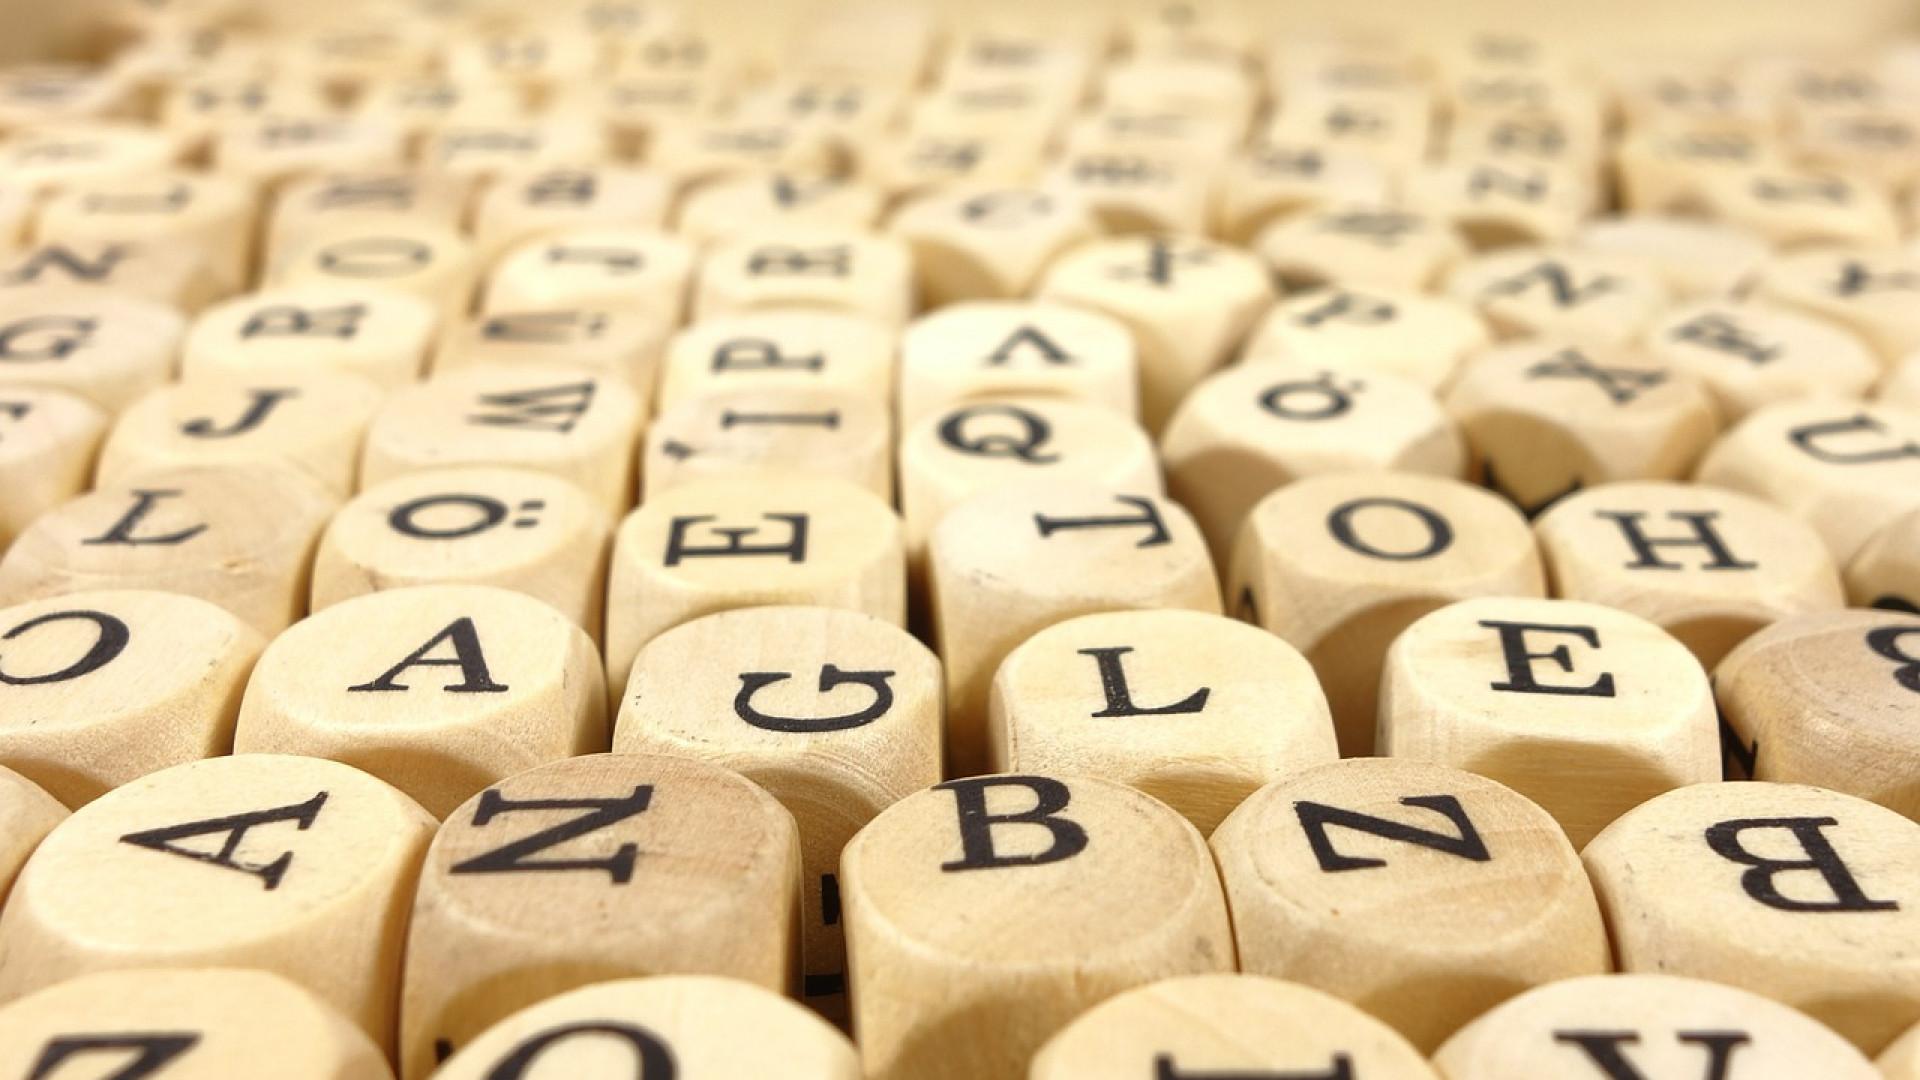 Résoudre ses mots croisés avec un solutionneur : les avantages